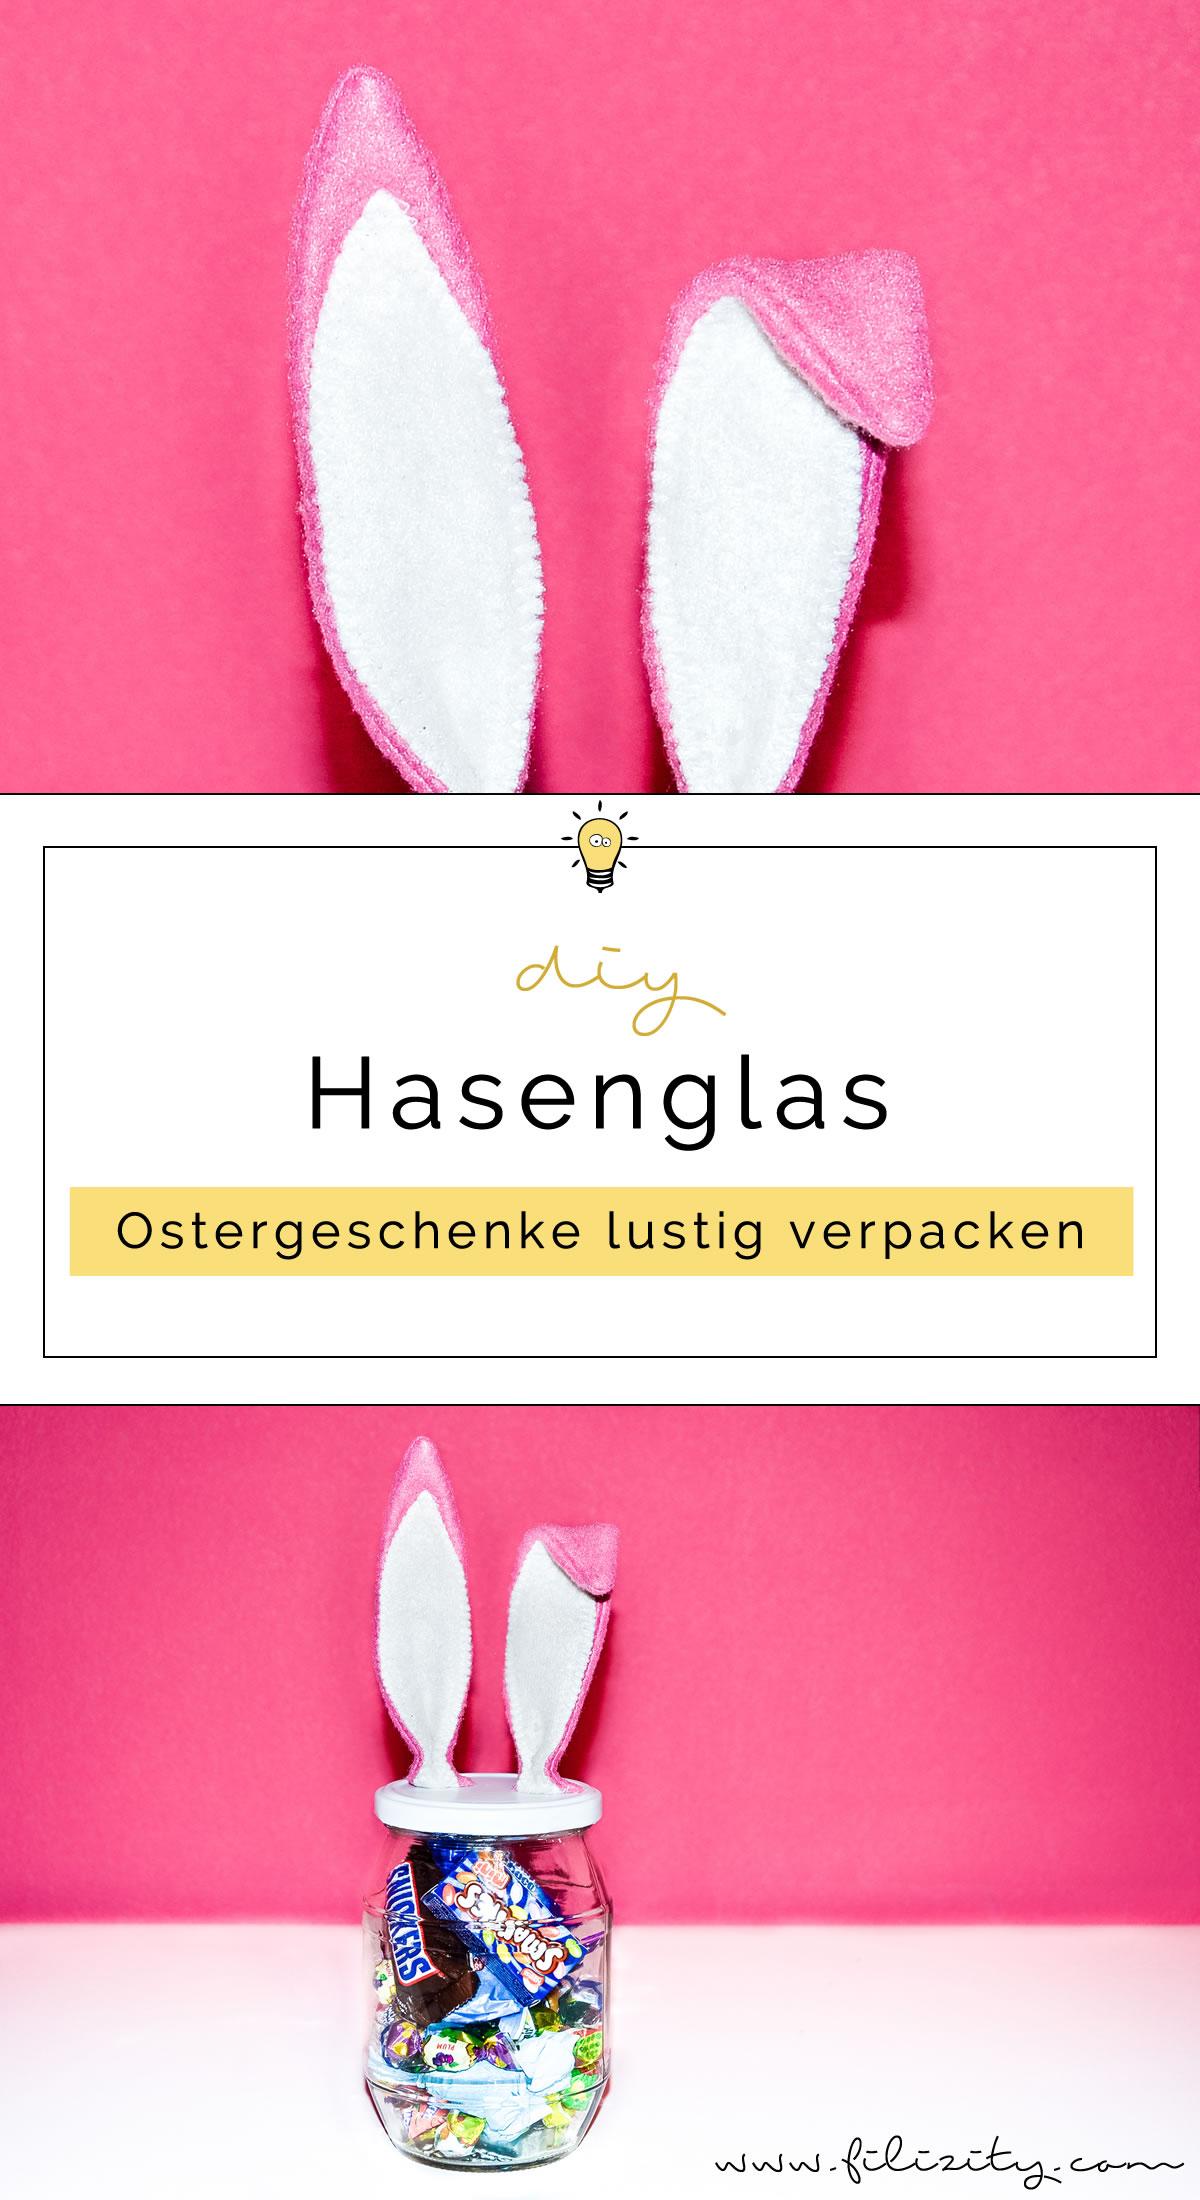 Ostergeschenke verpacken: DIY Süßigkeitenglas mit Hasenohren | Filizity.com | DIY-Blog aus dem Rheinland #ostern #geschenkidee